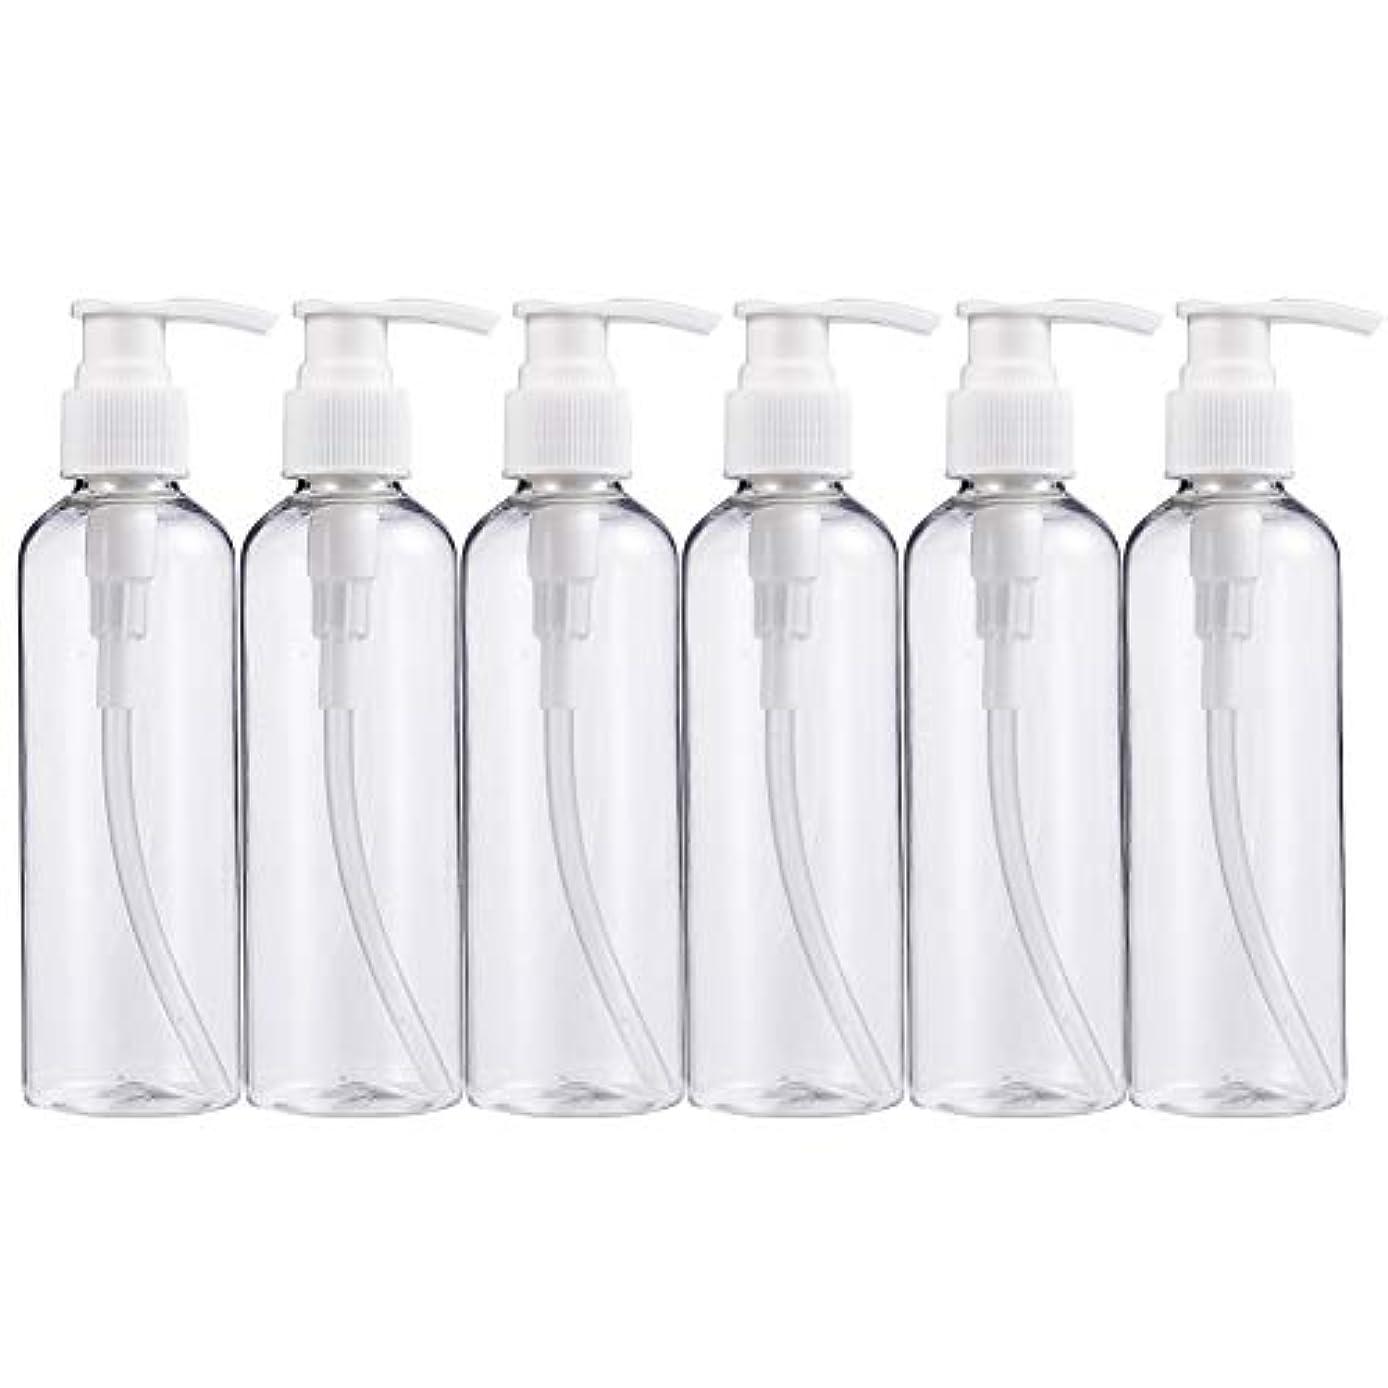 蛇行セメントBENECREAT 200mlプラスティックスボトル 6個セット小分けボトル プラスチック容器 液体用空ボトル 押し式詰替用ボトル 詰め替え シャンプー クリーム 化粧品 収納瓶